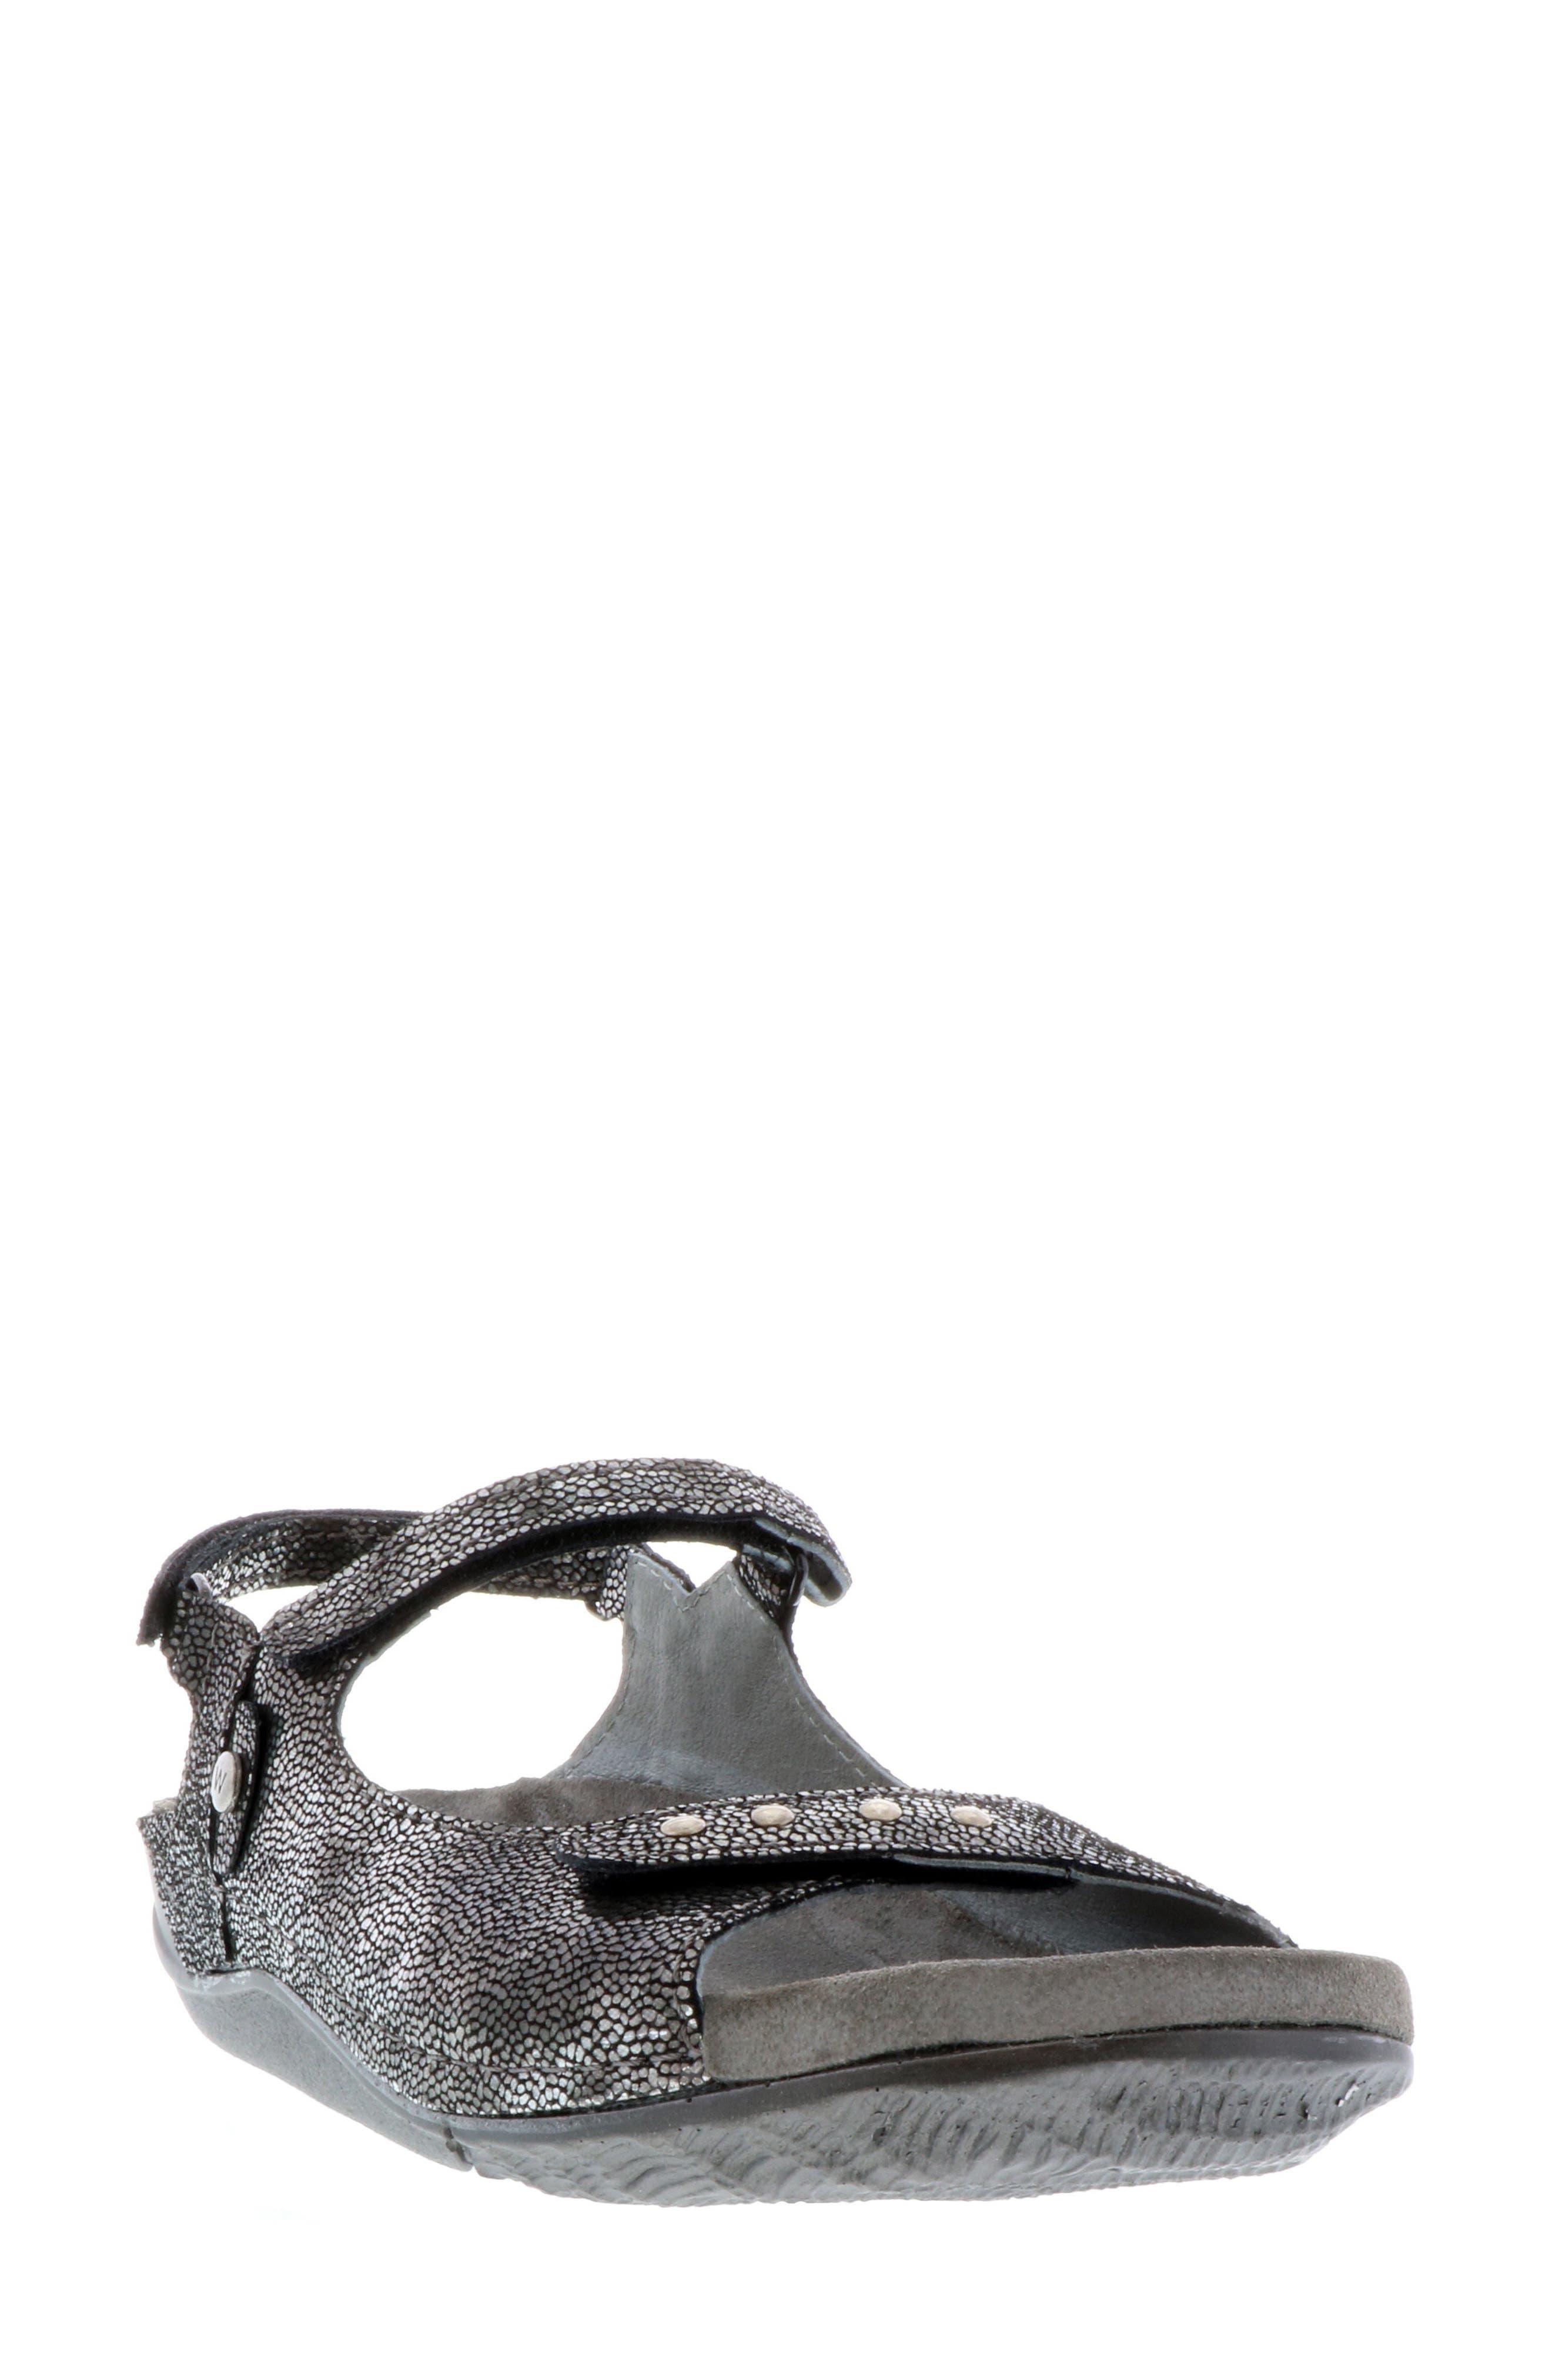 Cortez Sandal,                         Main,                         color, BLACK LEATHER